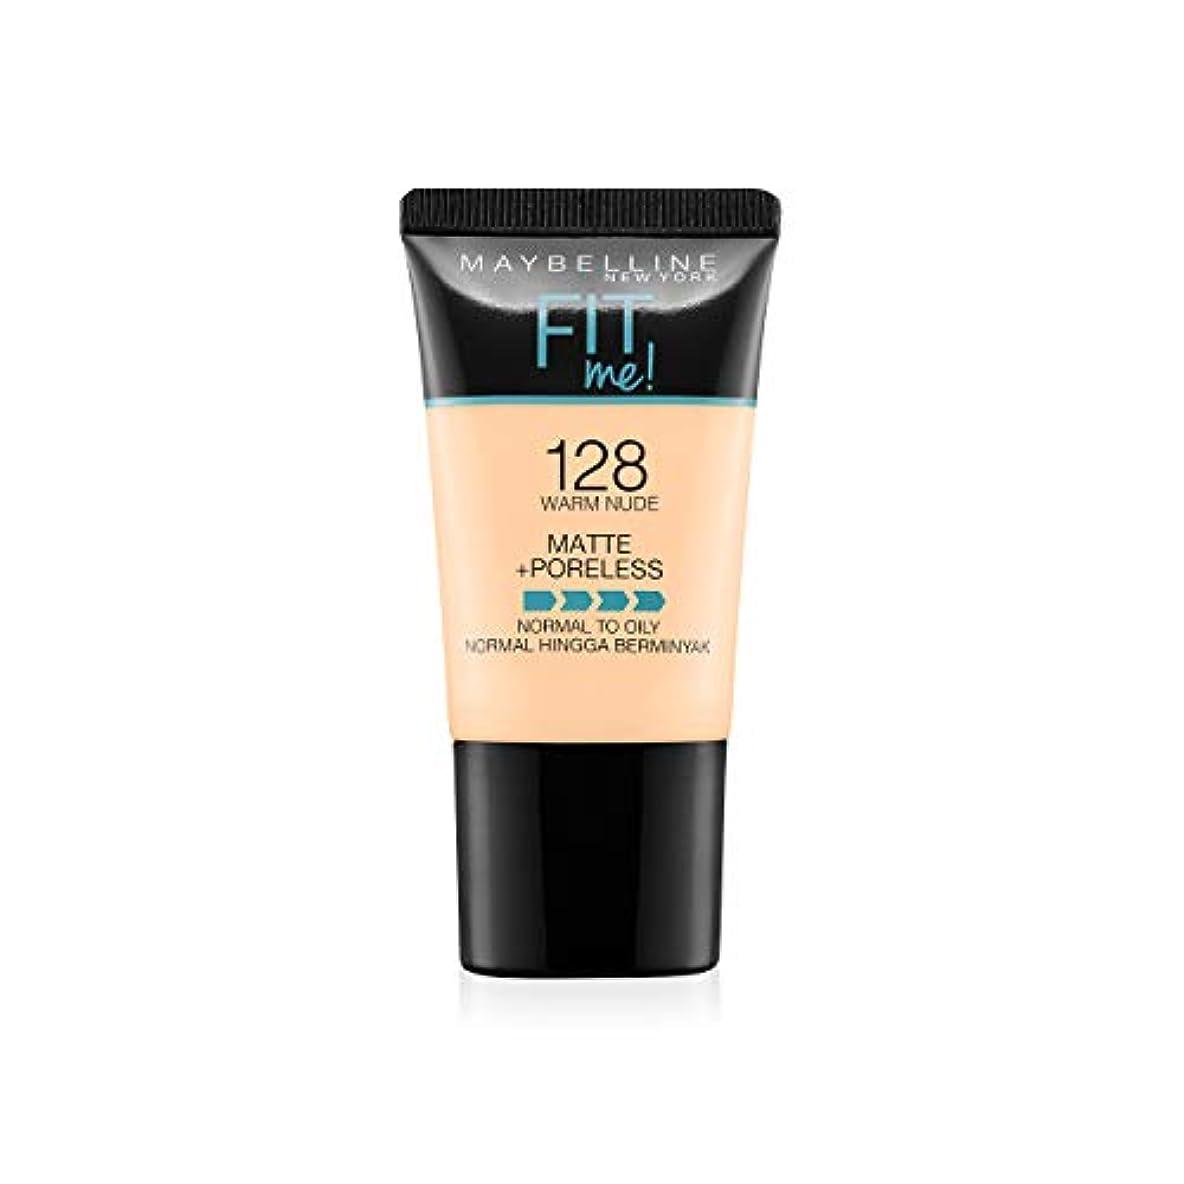 懸念エキサイティング共和国Maybelline New York Fit Me Matte+Poreless Liquid Foundation Tube, 128 Warm Nude, 18ml